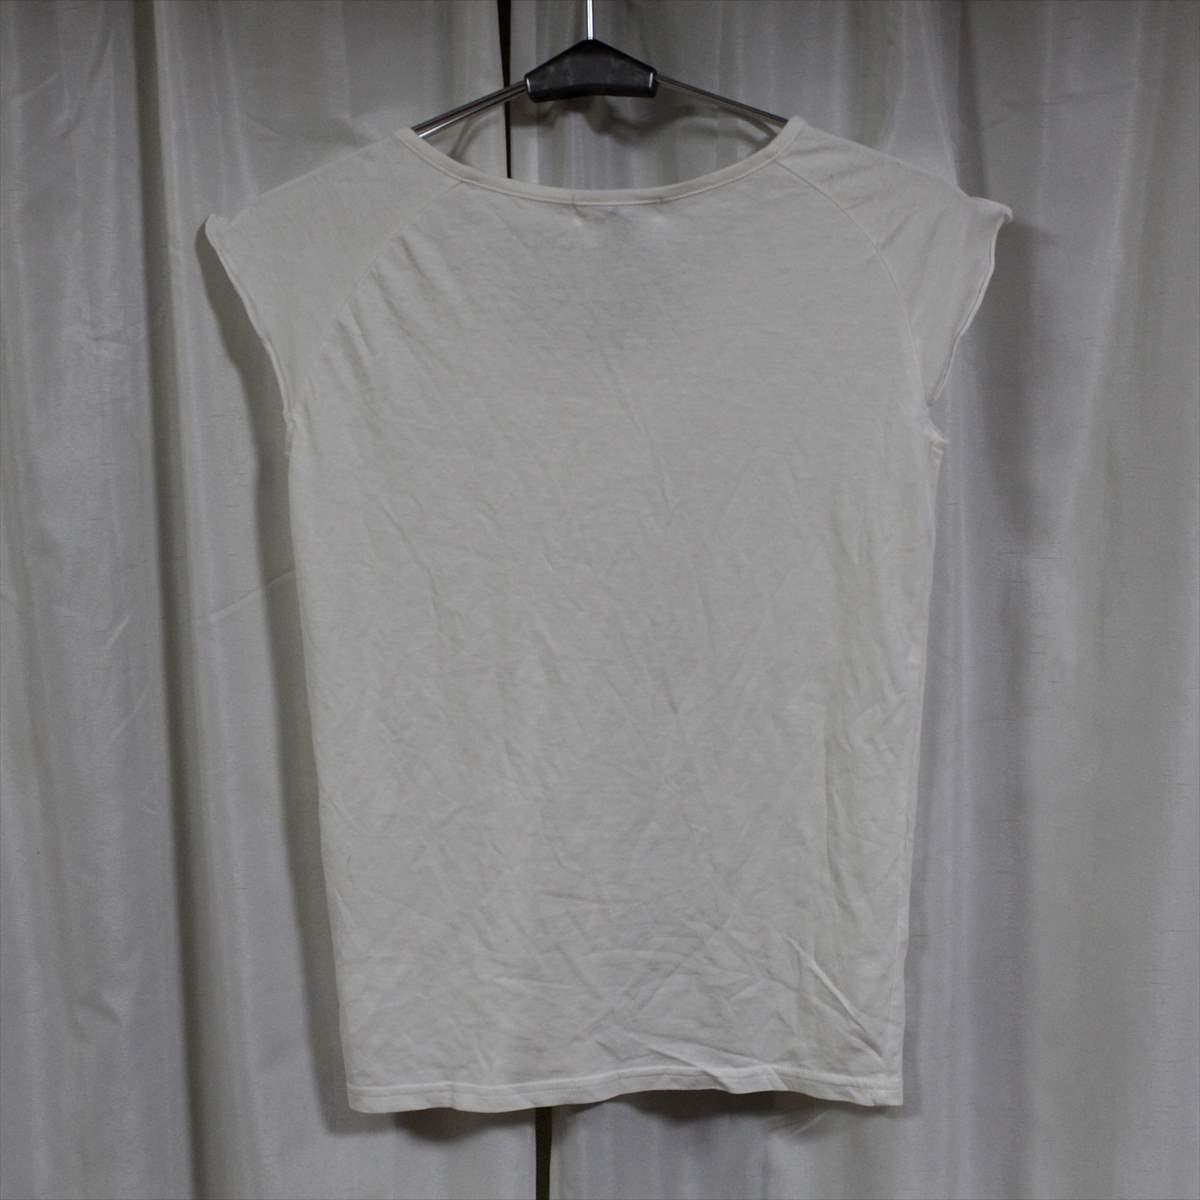 パシフィックコースト PACIFIC COAST レディース ノースリーブ Tシャツ アイボリー Mサイズ 新品 トップス_画像3